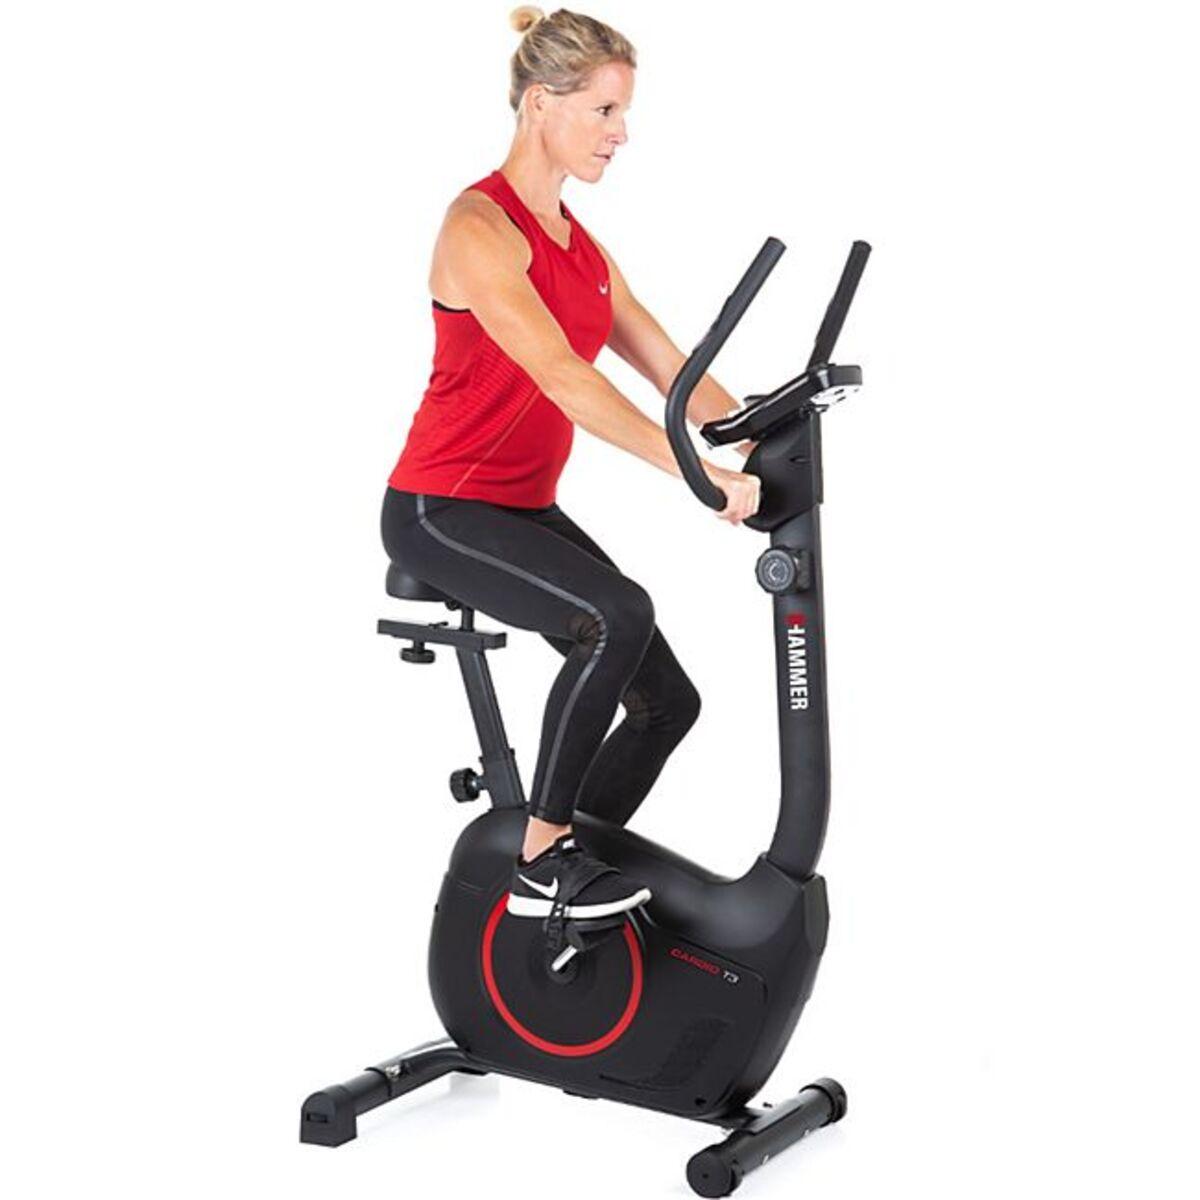 Bild 1 von Hammer Heimtrainer Cardio T3